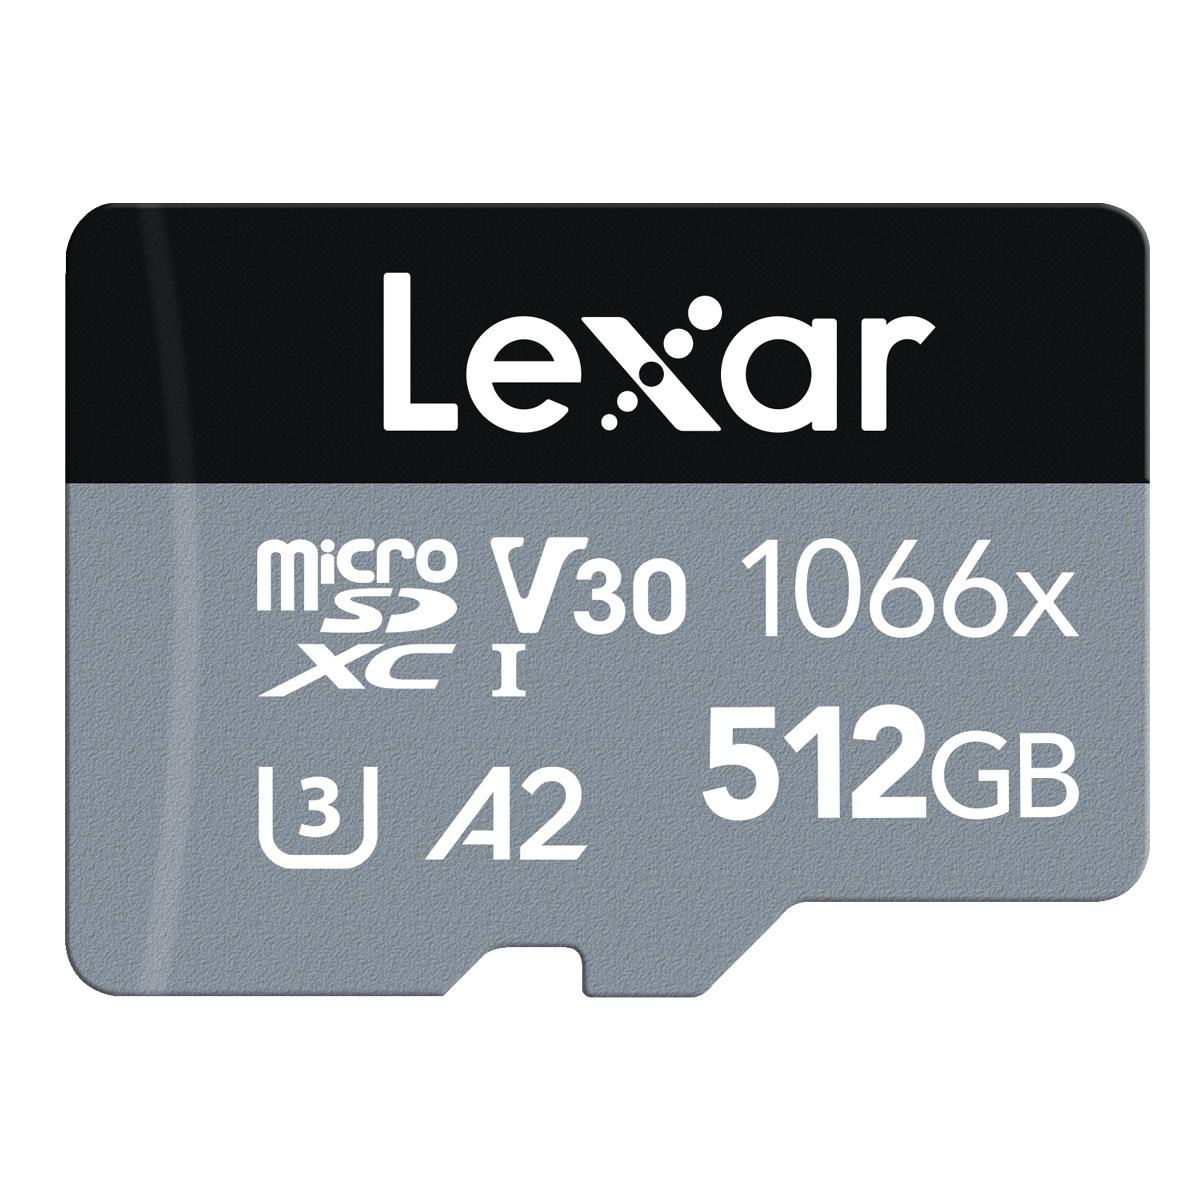 Lexar 512 GB Micro-SD 1066x